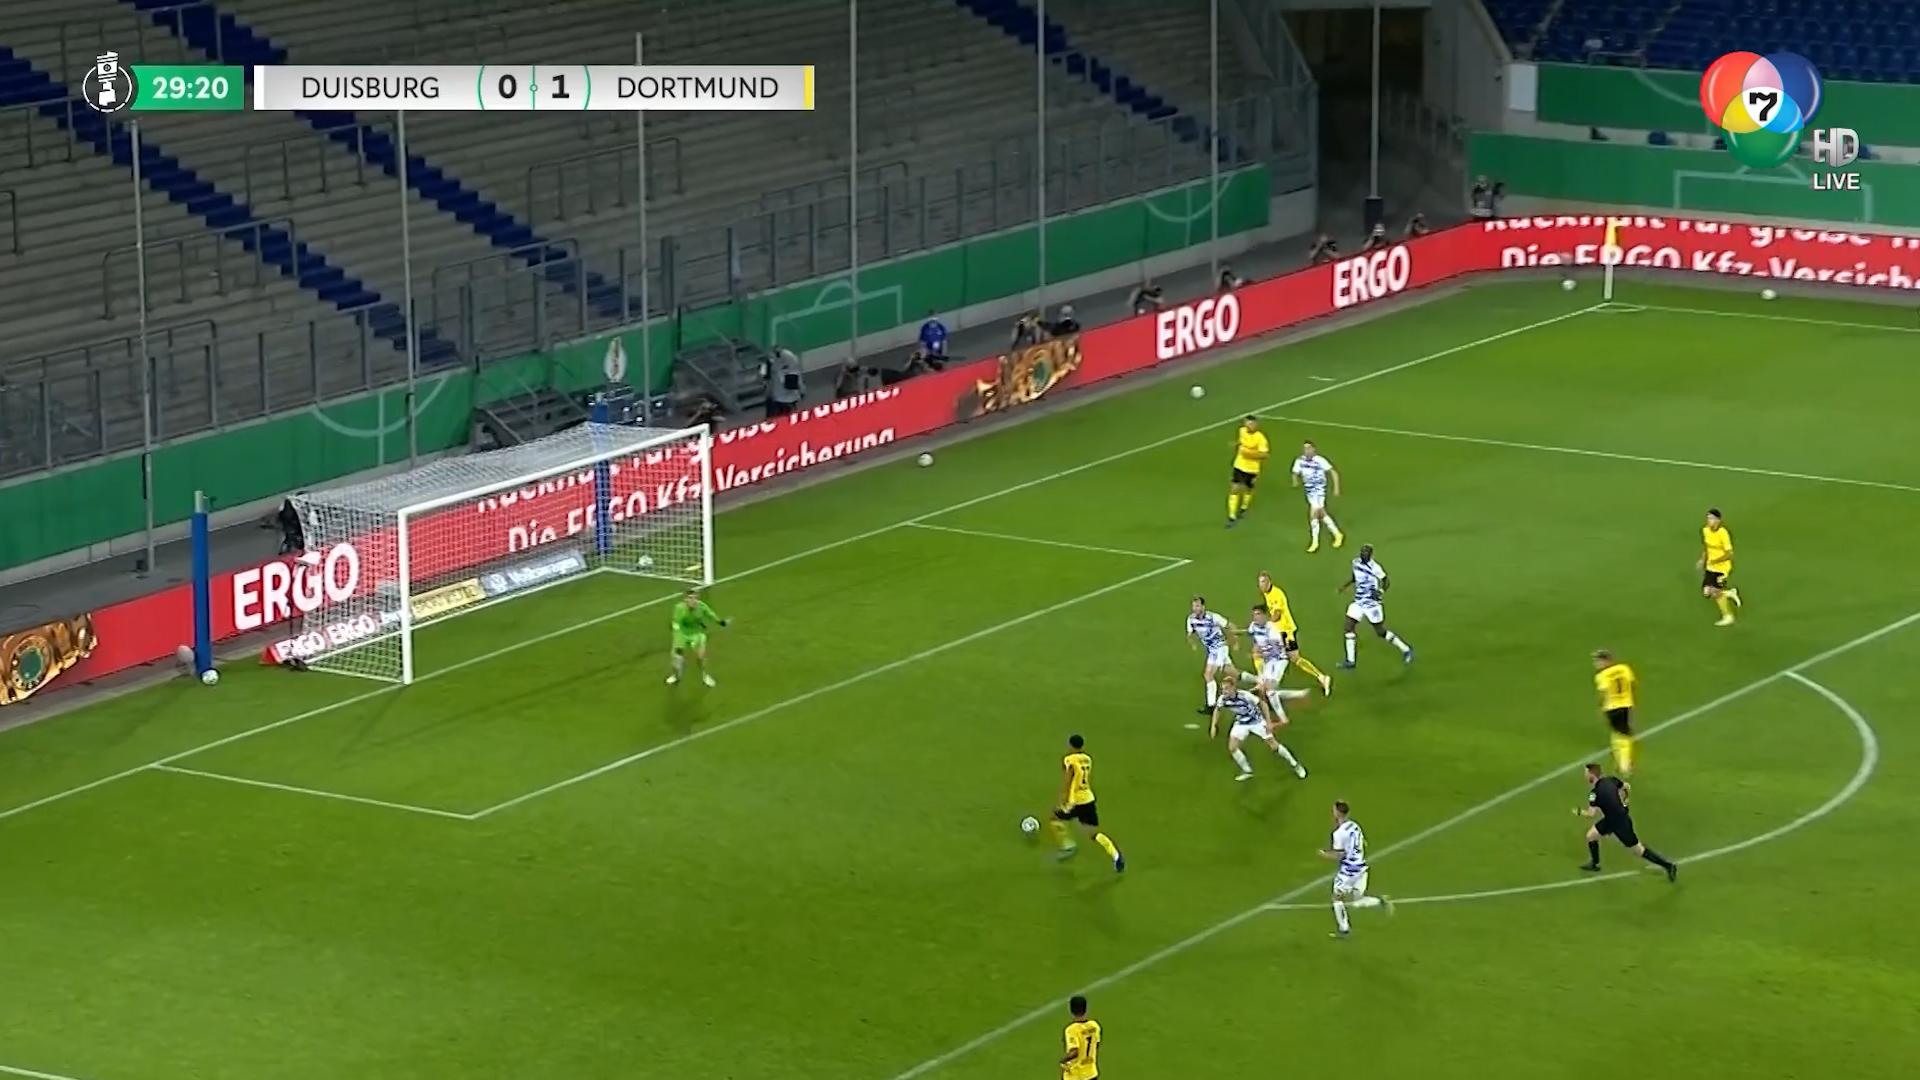 ไฮไลต์ฟุตบอลเดเอฟเบ โพคาล ดุยส์บวร์ก 0-5 โบรุสเซีย ดอร์ทมุนด์